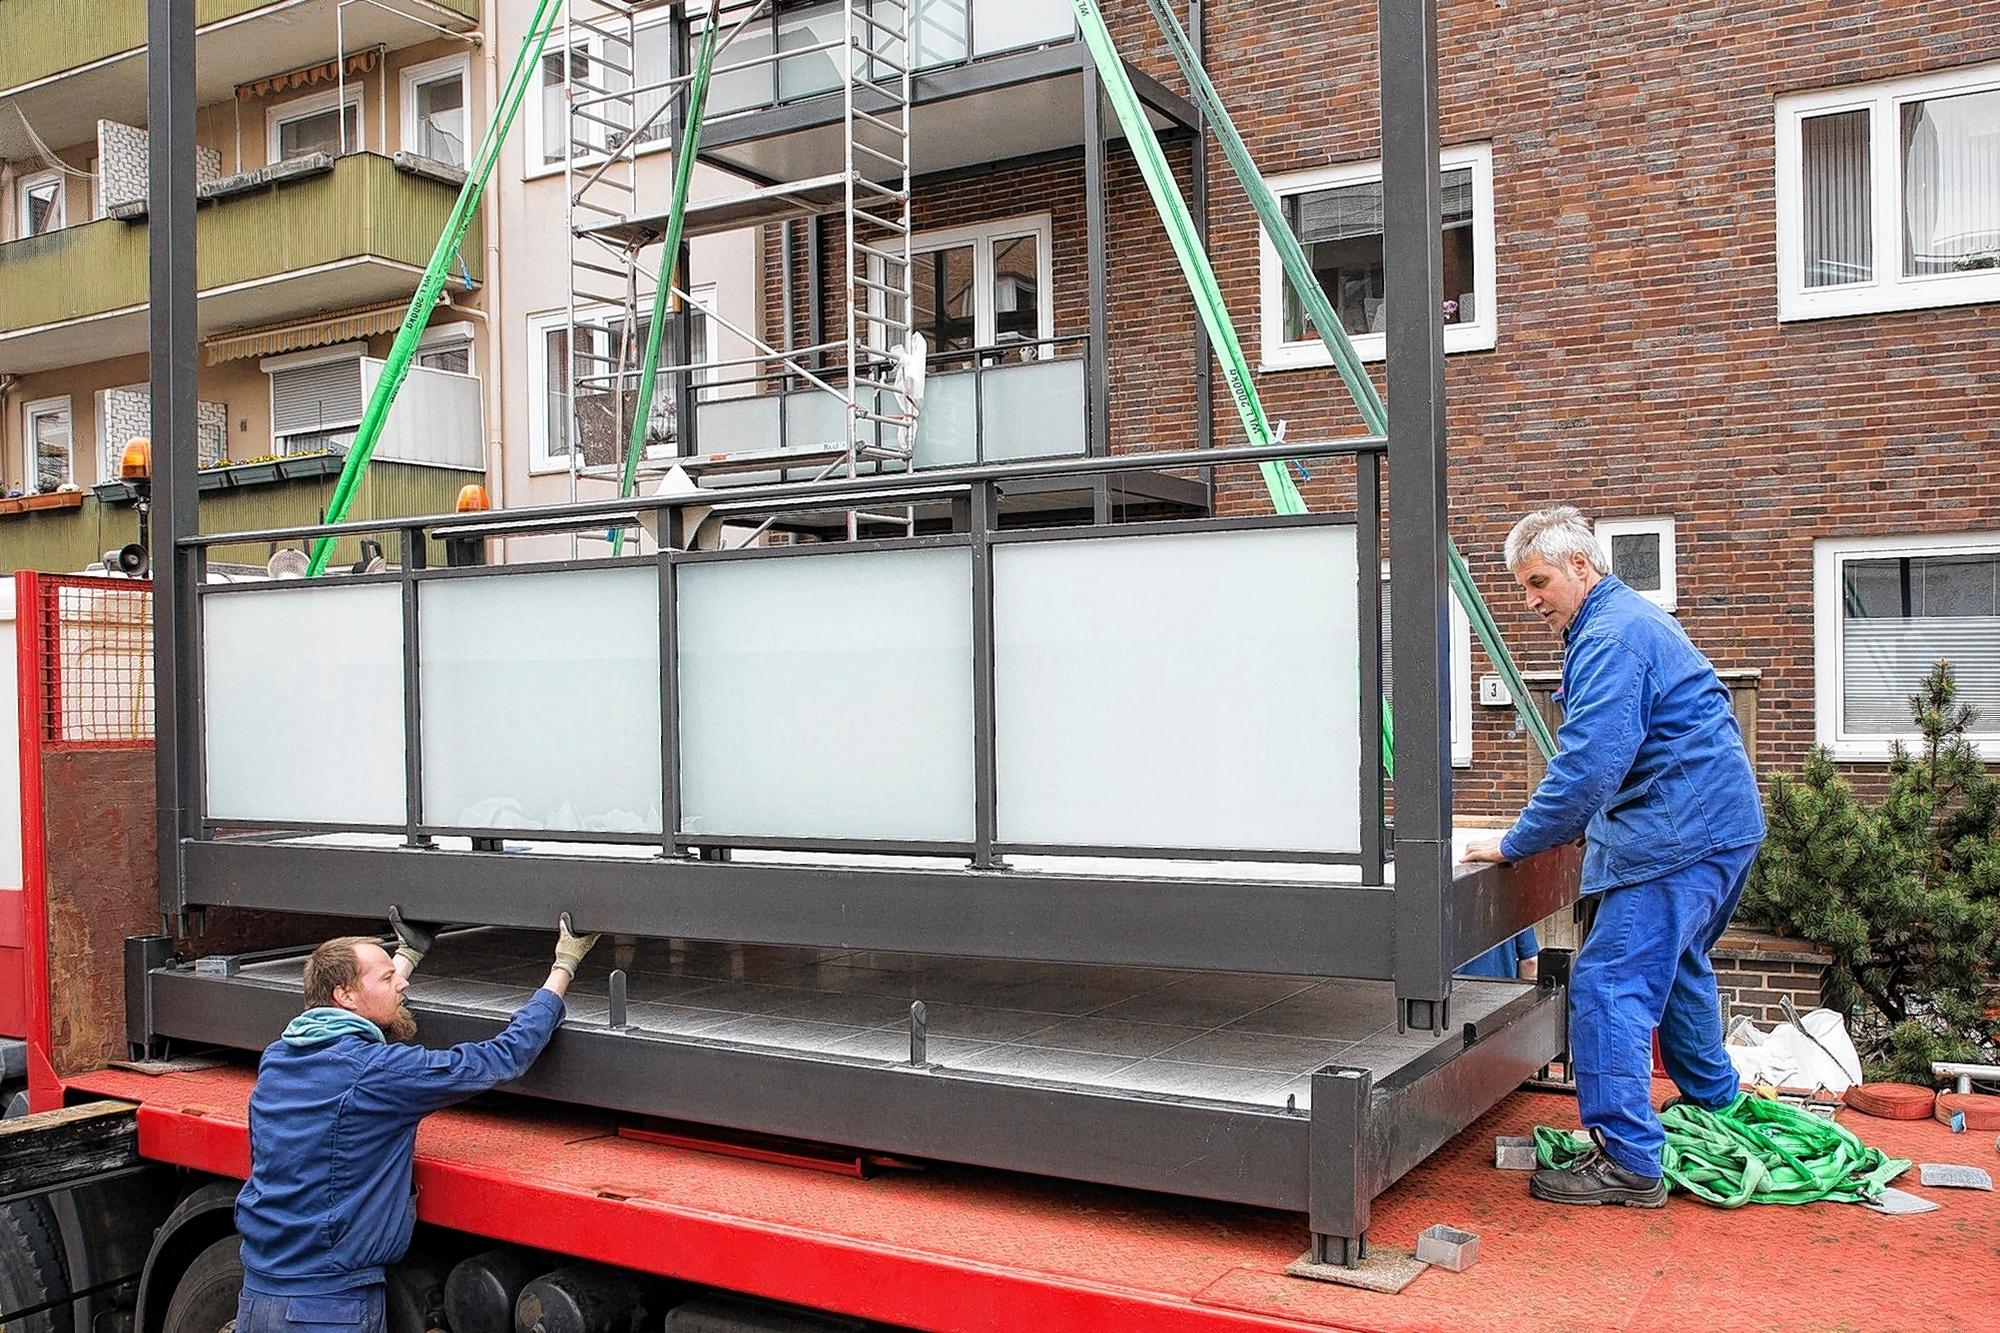 balkone lassen sich sp ter anbauen immomorgen mannheim stadt mannheim morgenweb. Black Bedroom Furniture Sets. Home Design Ideas